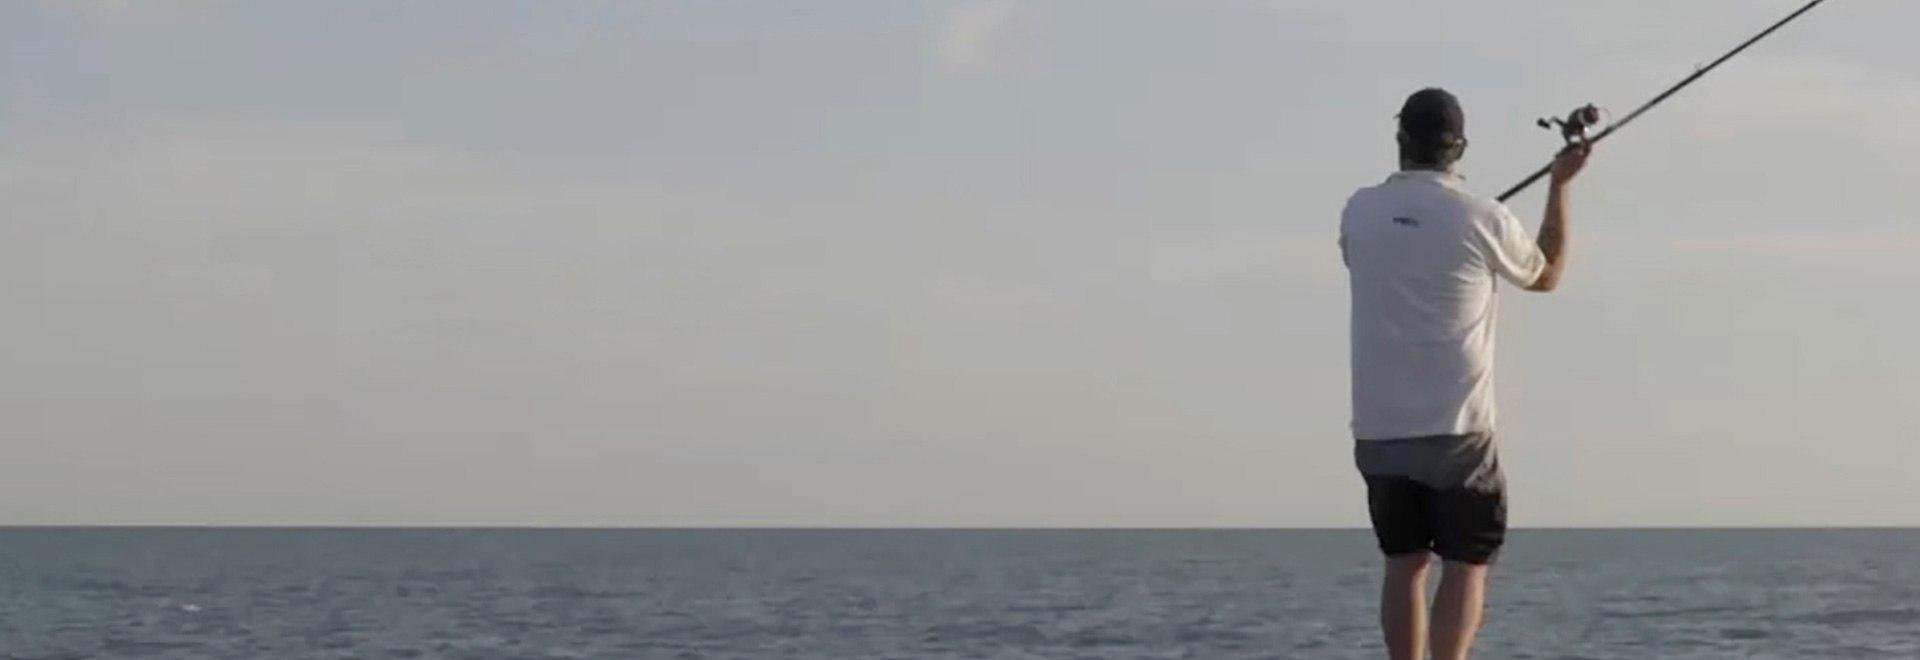 In alto mare